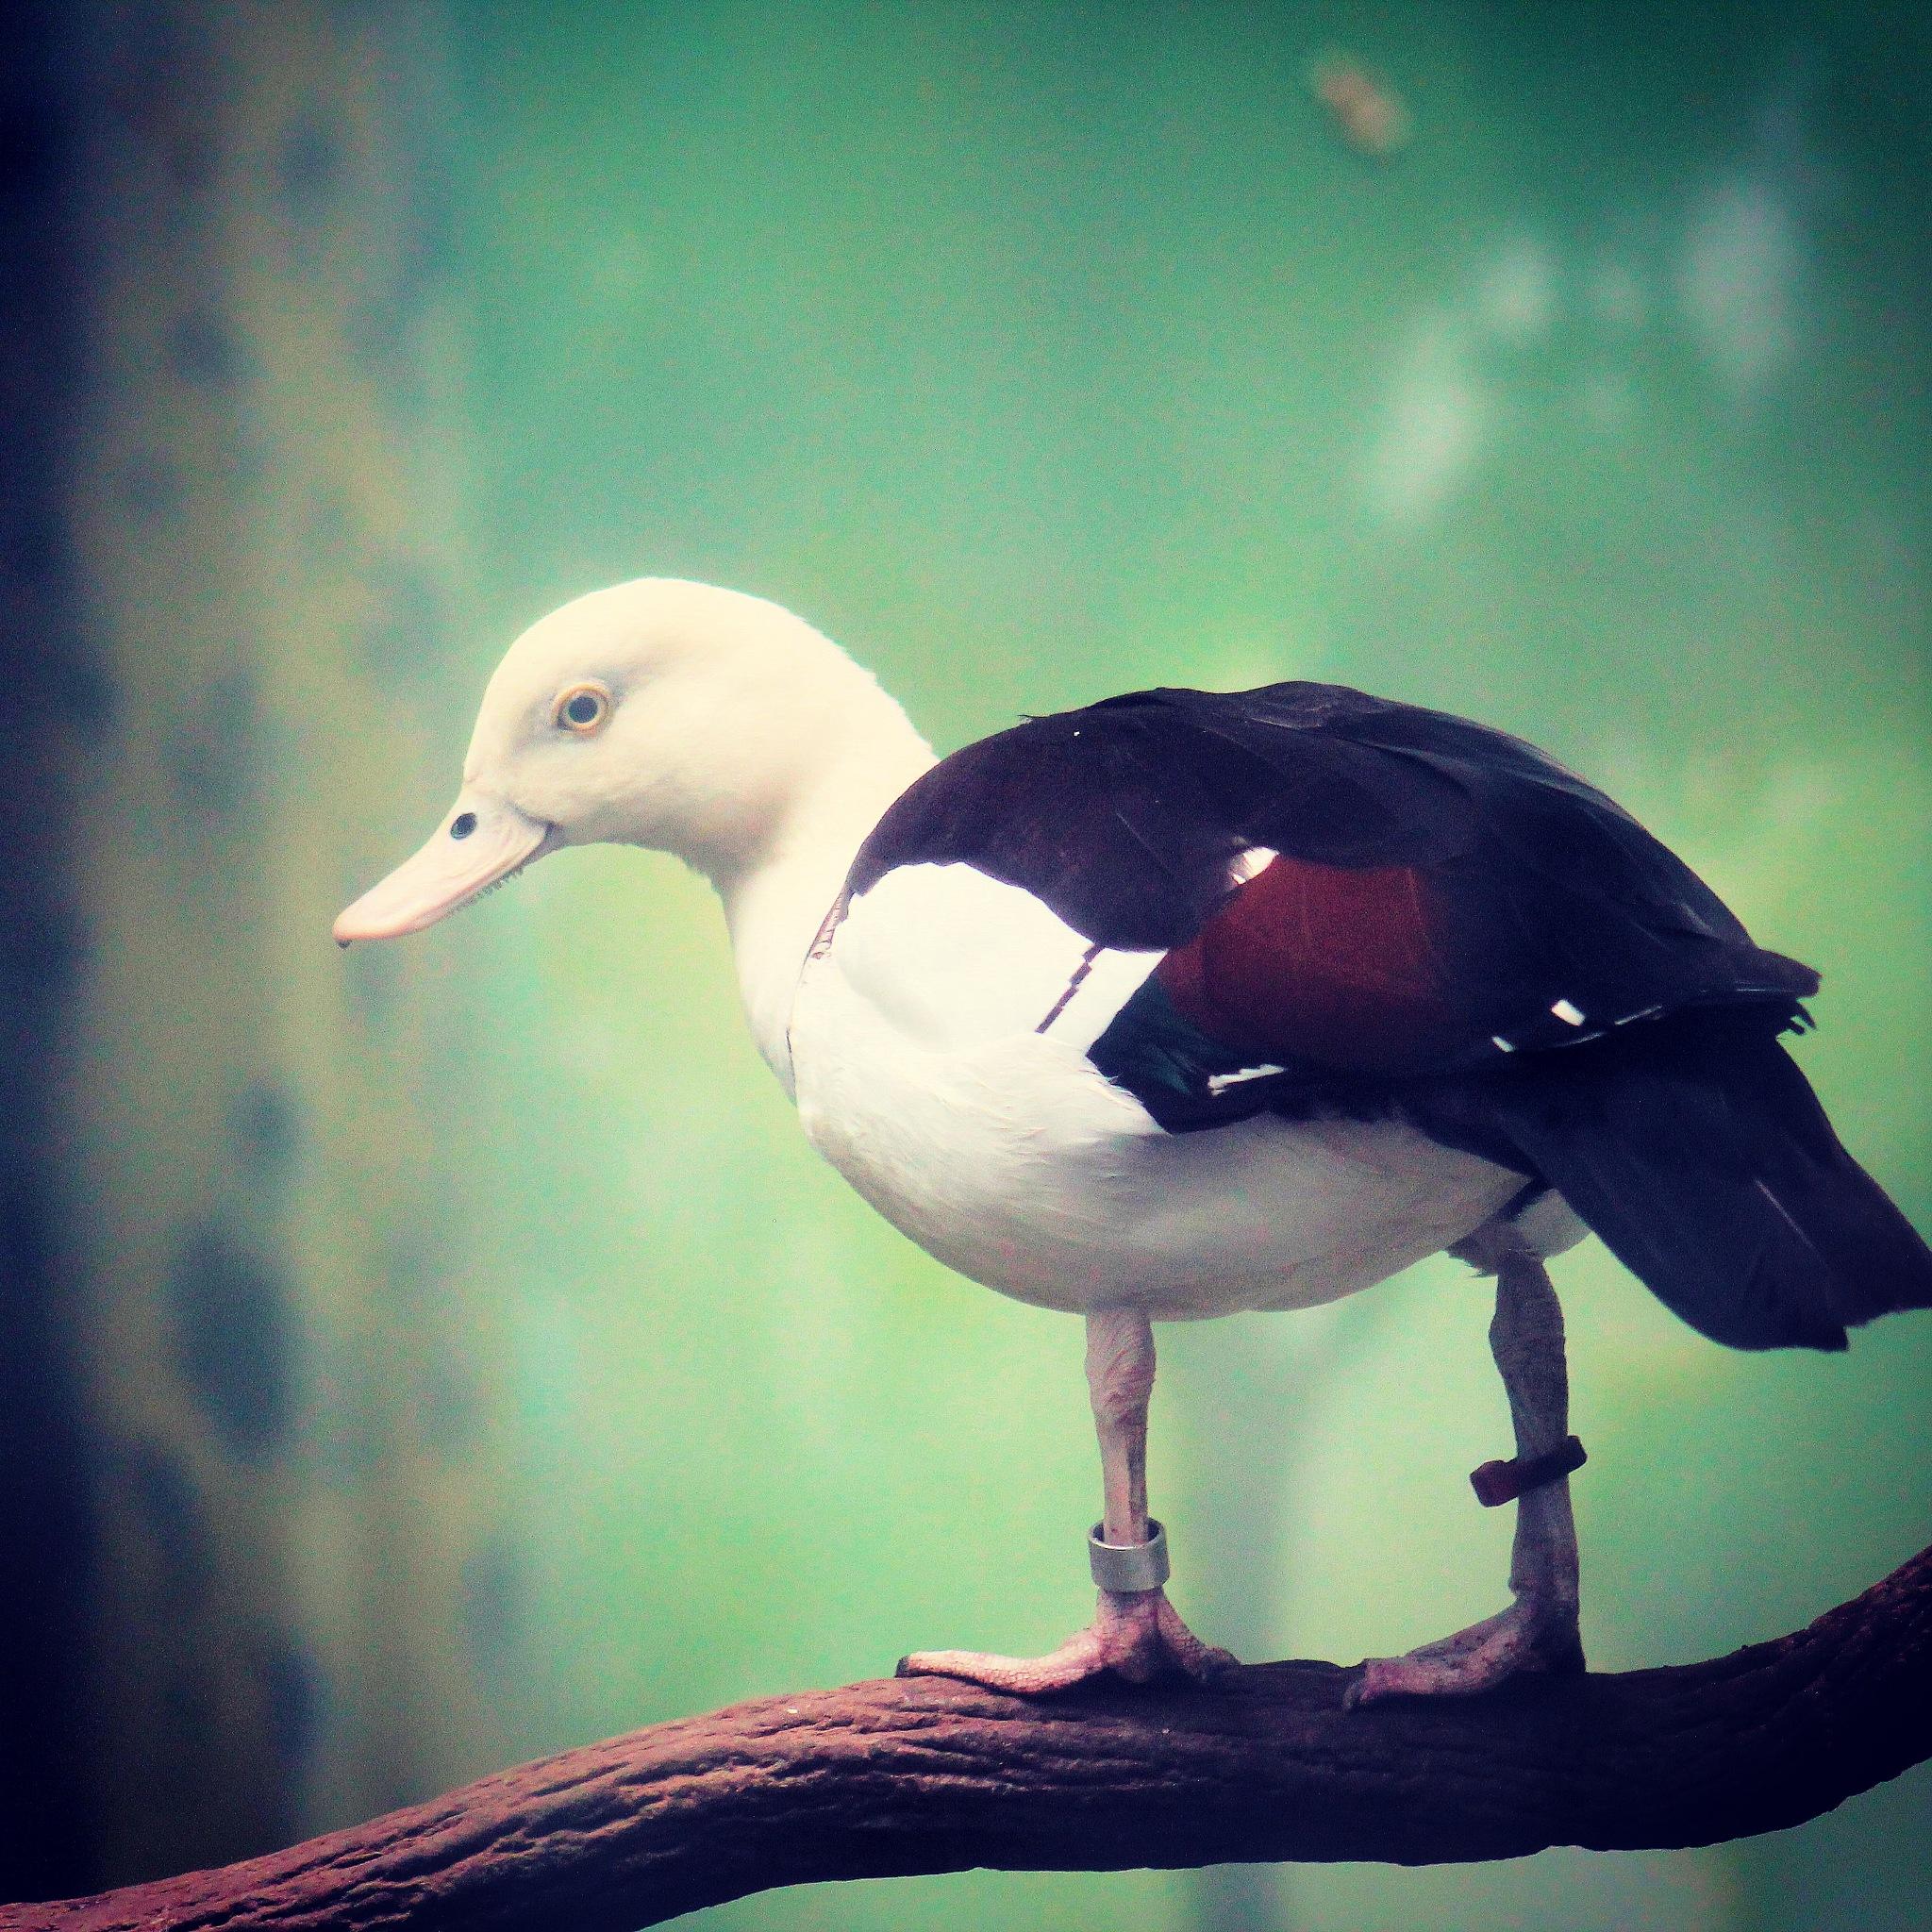 duck by Abraham Sanchez